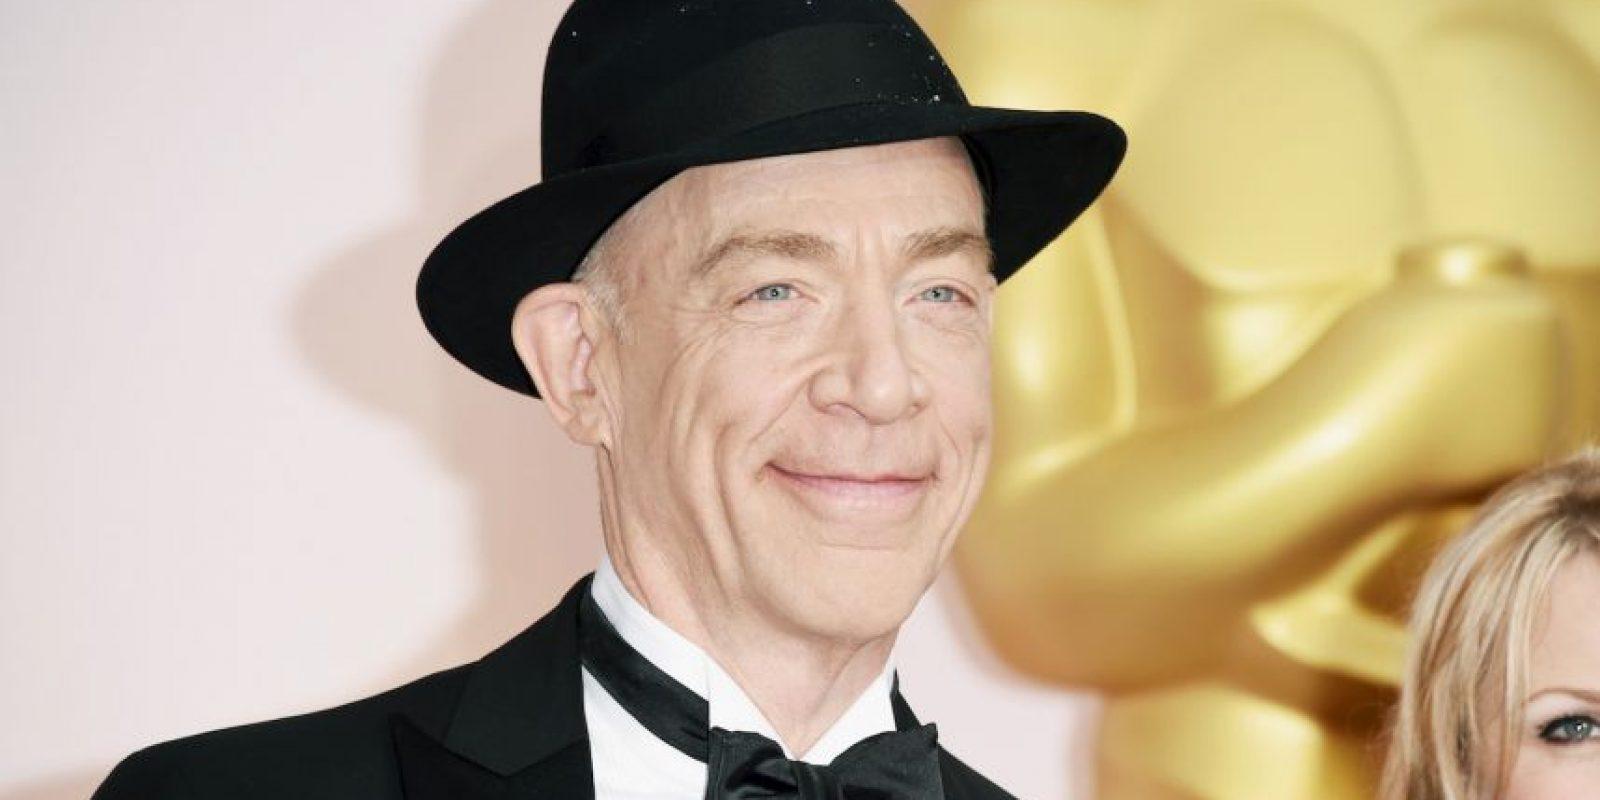 El primer Oscar de la noche fue para J. K. Simmons Foto:Getty Images